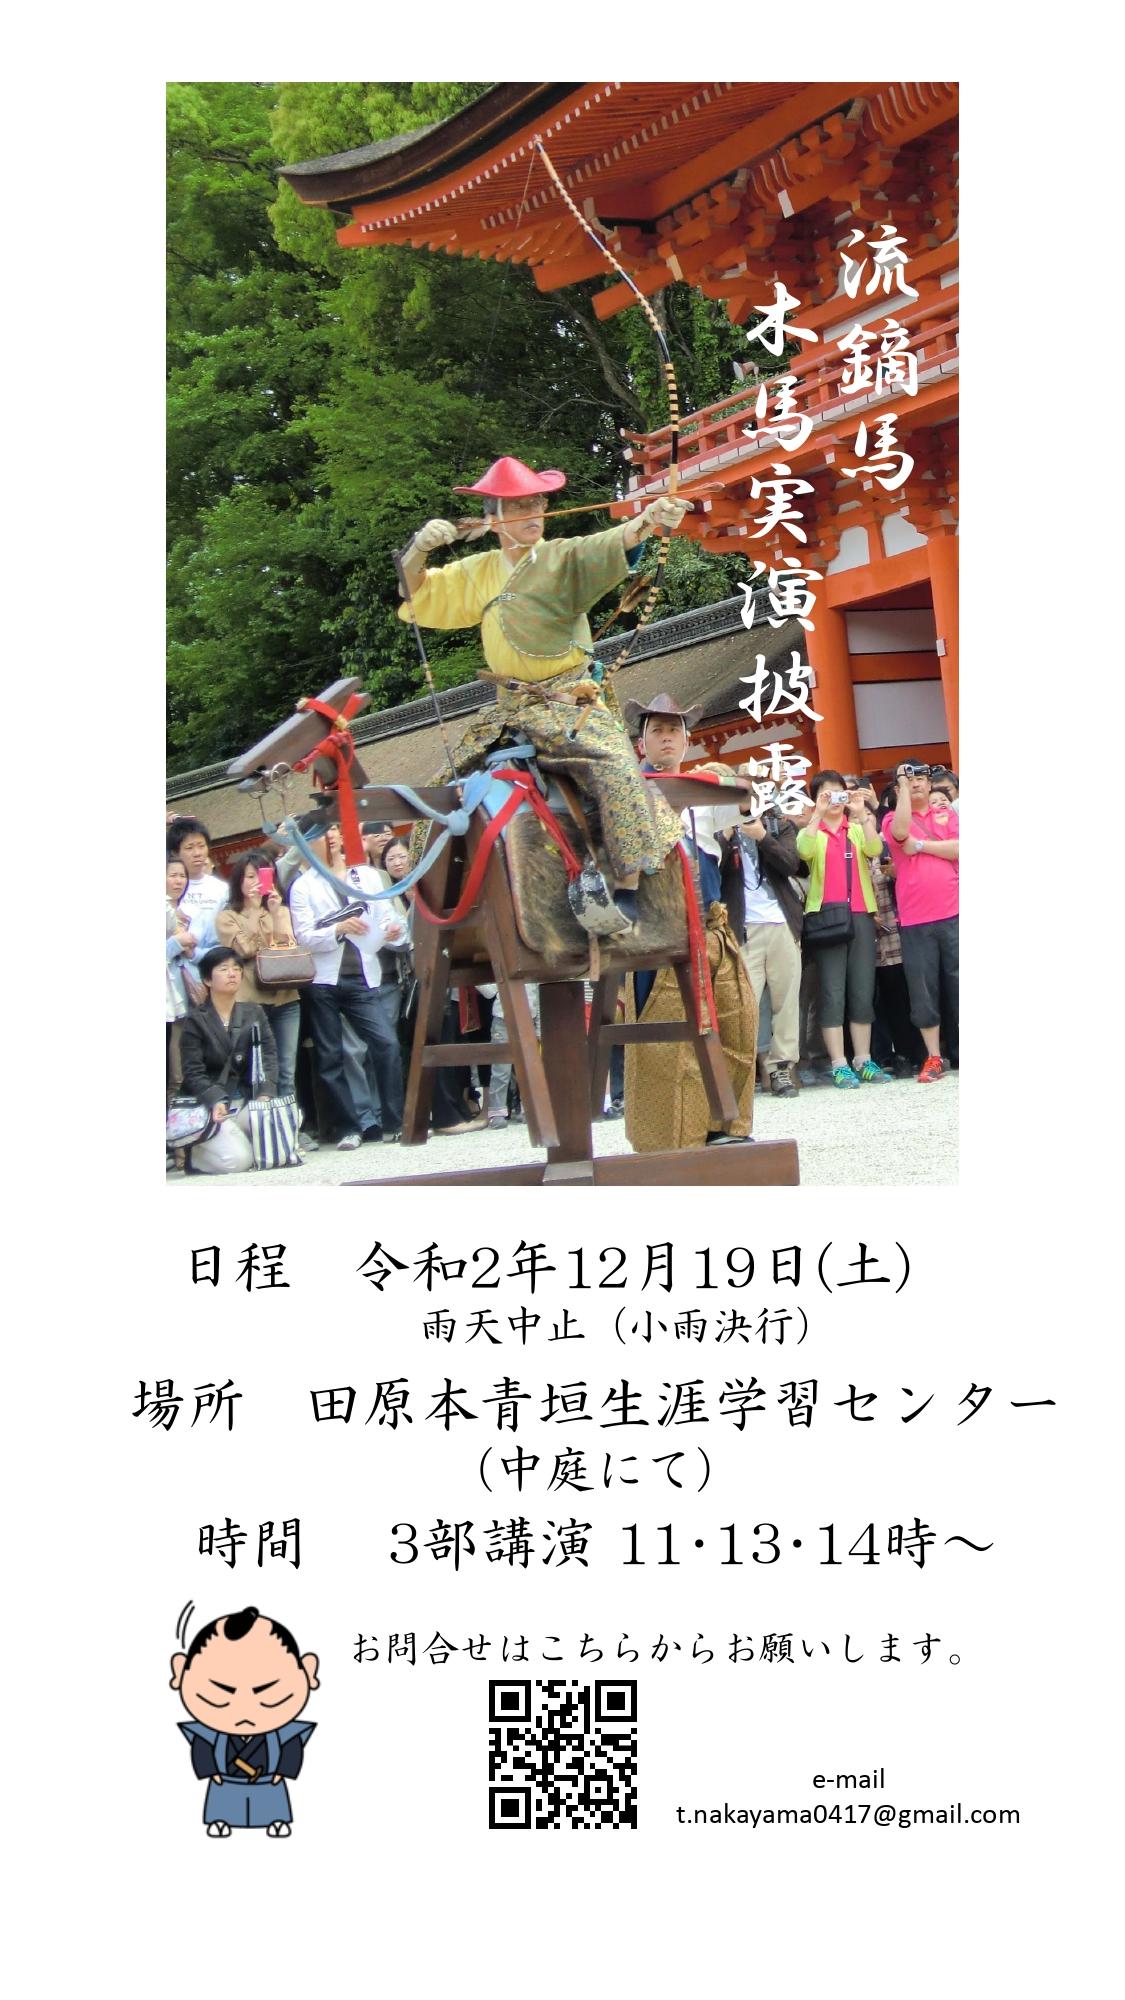 【イベント情報】流鏑馬木馬実演披露